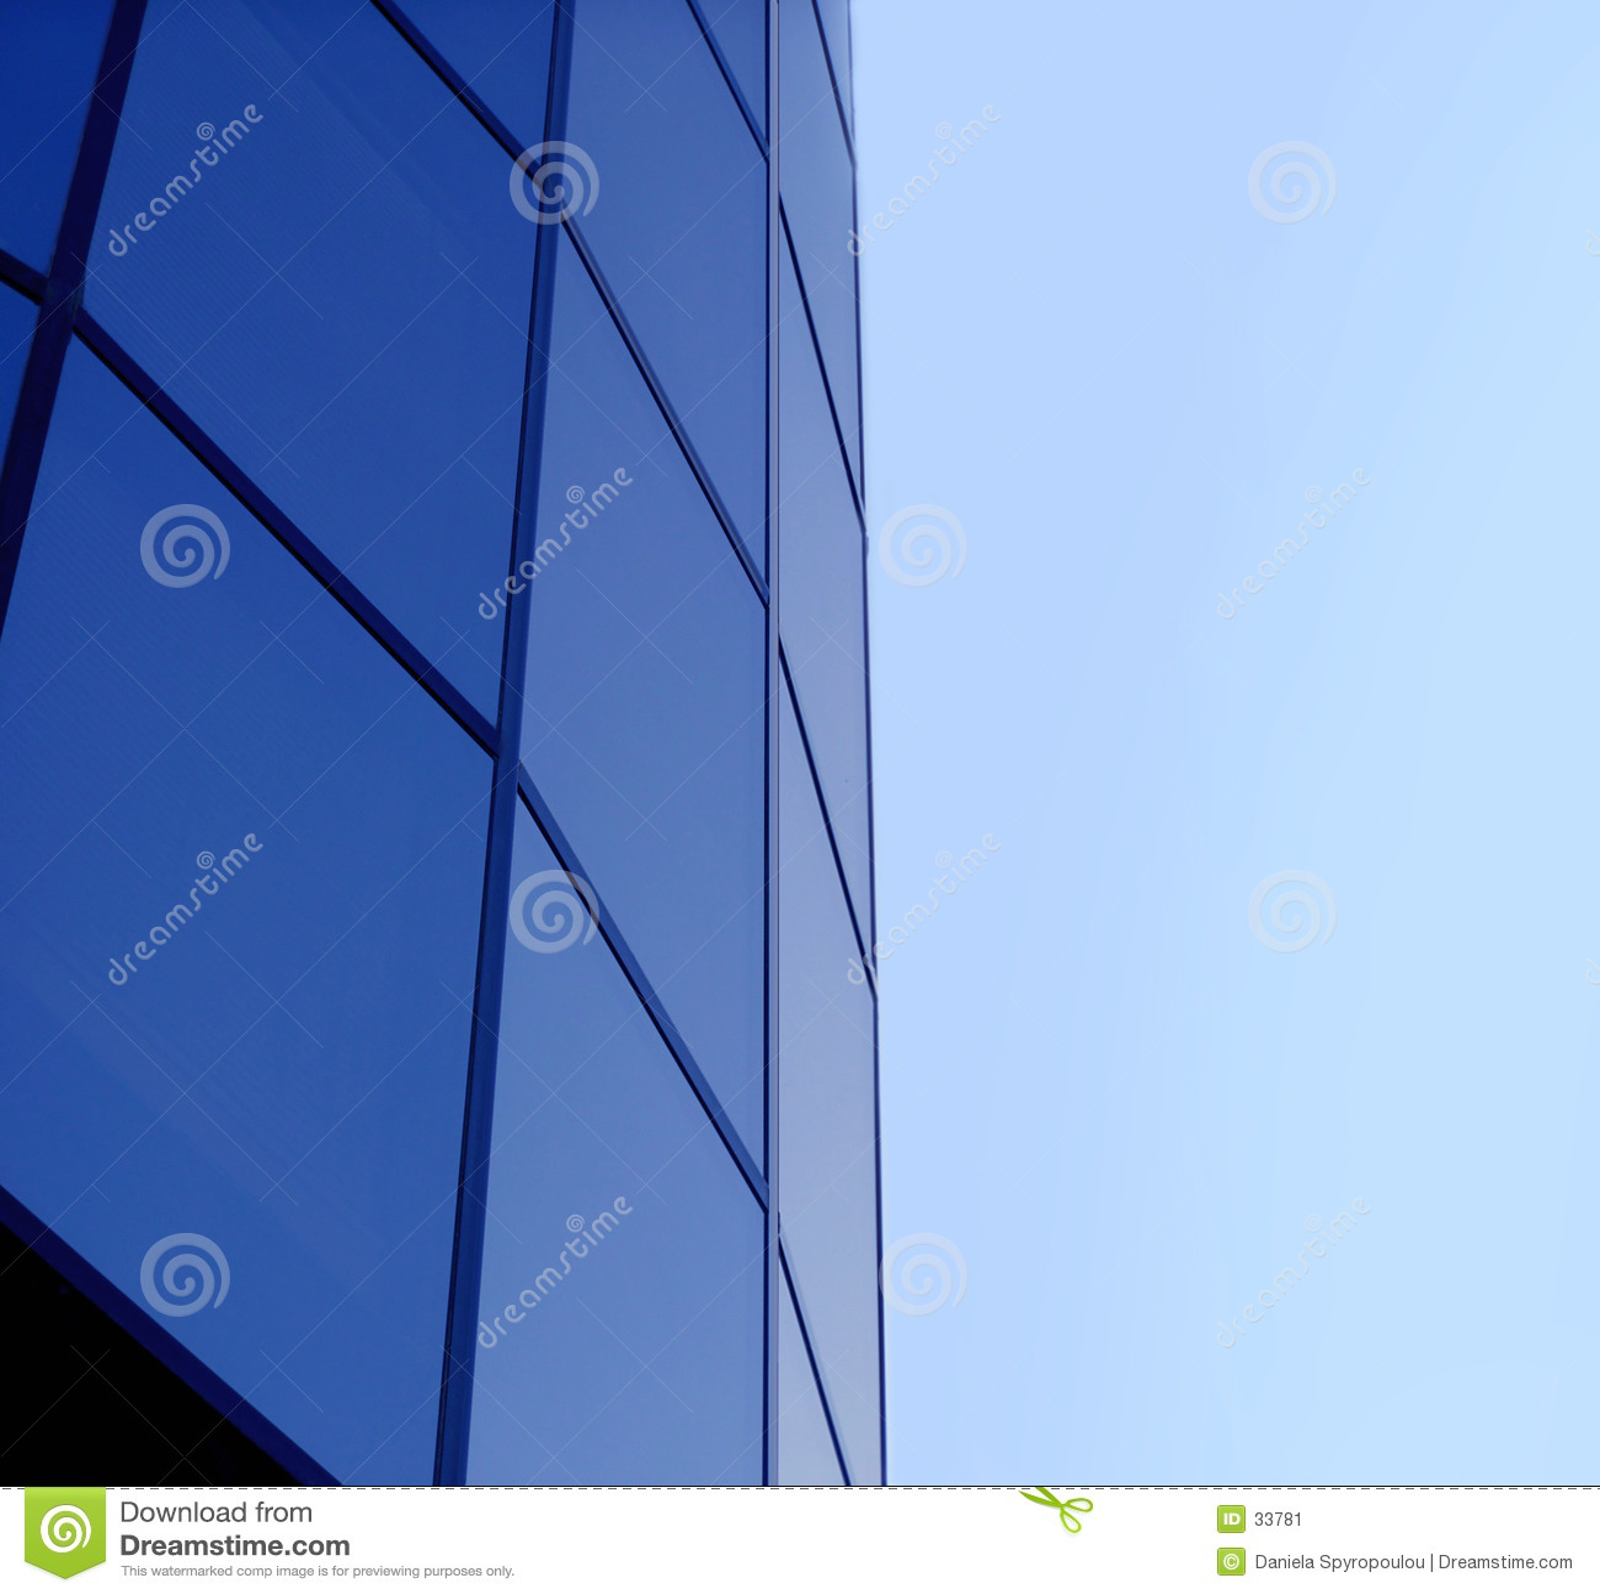 Download De blauwe collectieve bouw stock afbeelding. Afbeelding bestaande uit structuren - 33781